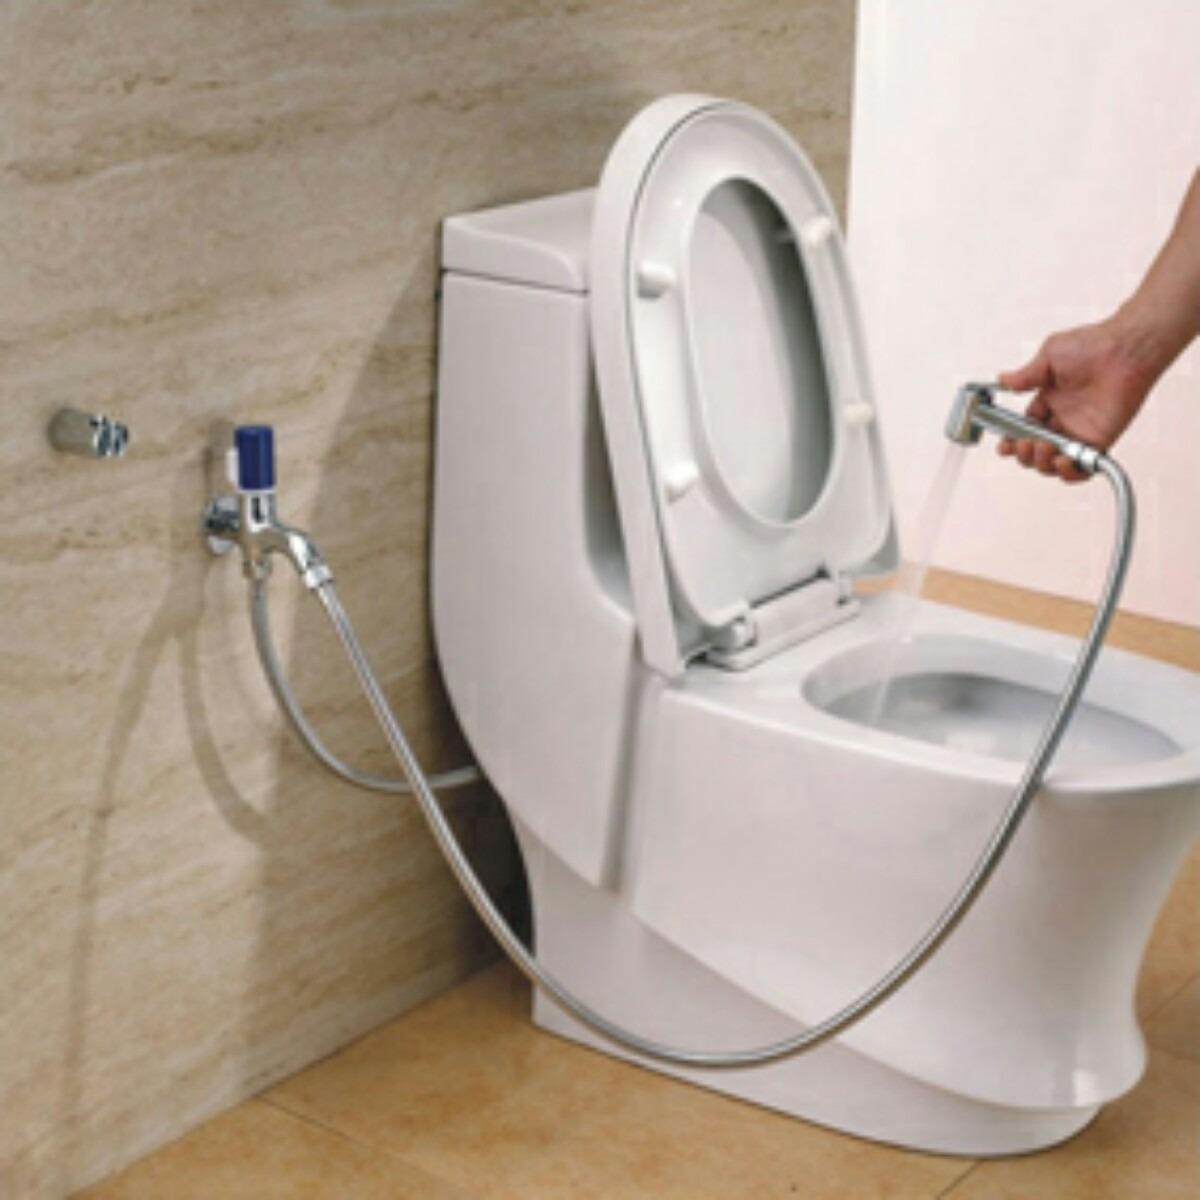 Instalacion Bidet Baño:Ducha Higiénica (bidet) – $ 39990 en Mercado Libre